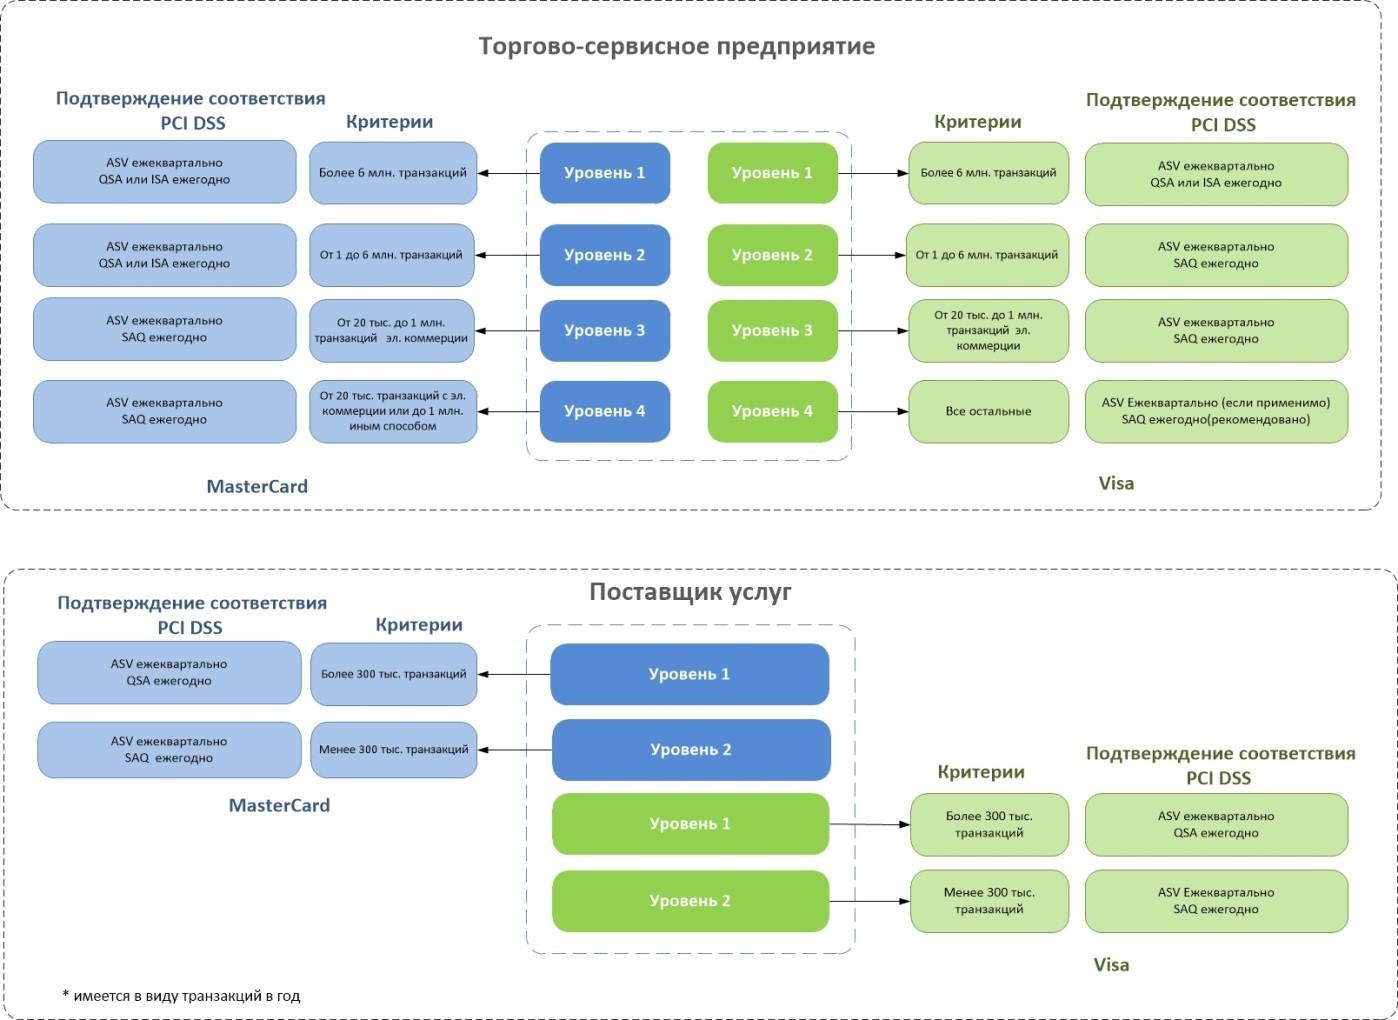 Классификация уровней и требования подтверждения соответствия стандарту PCI DSS